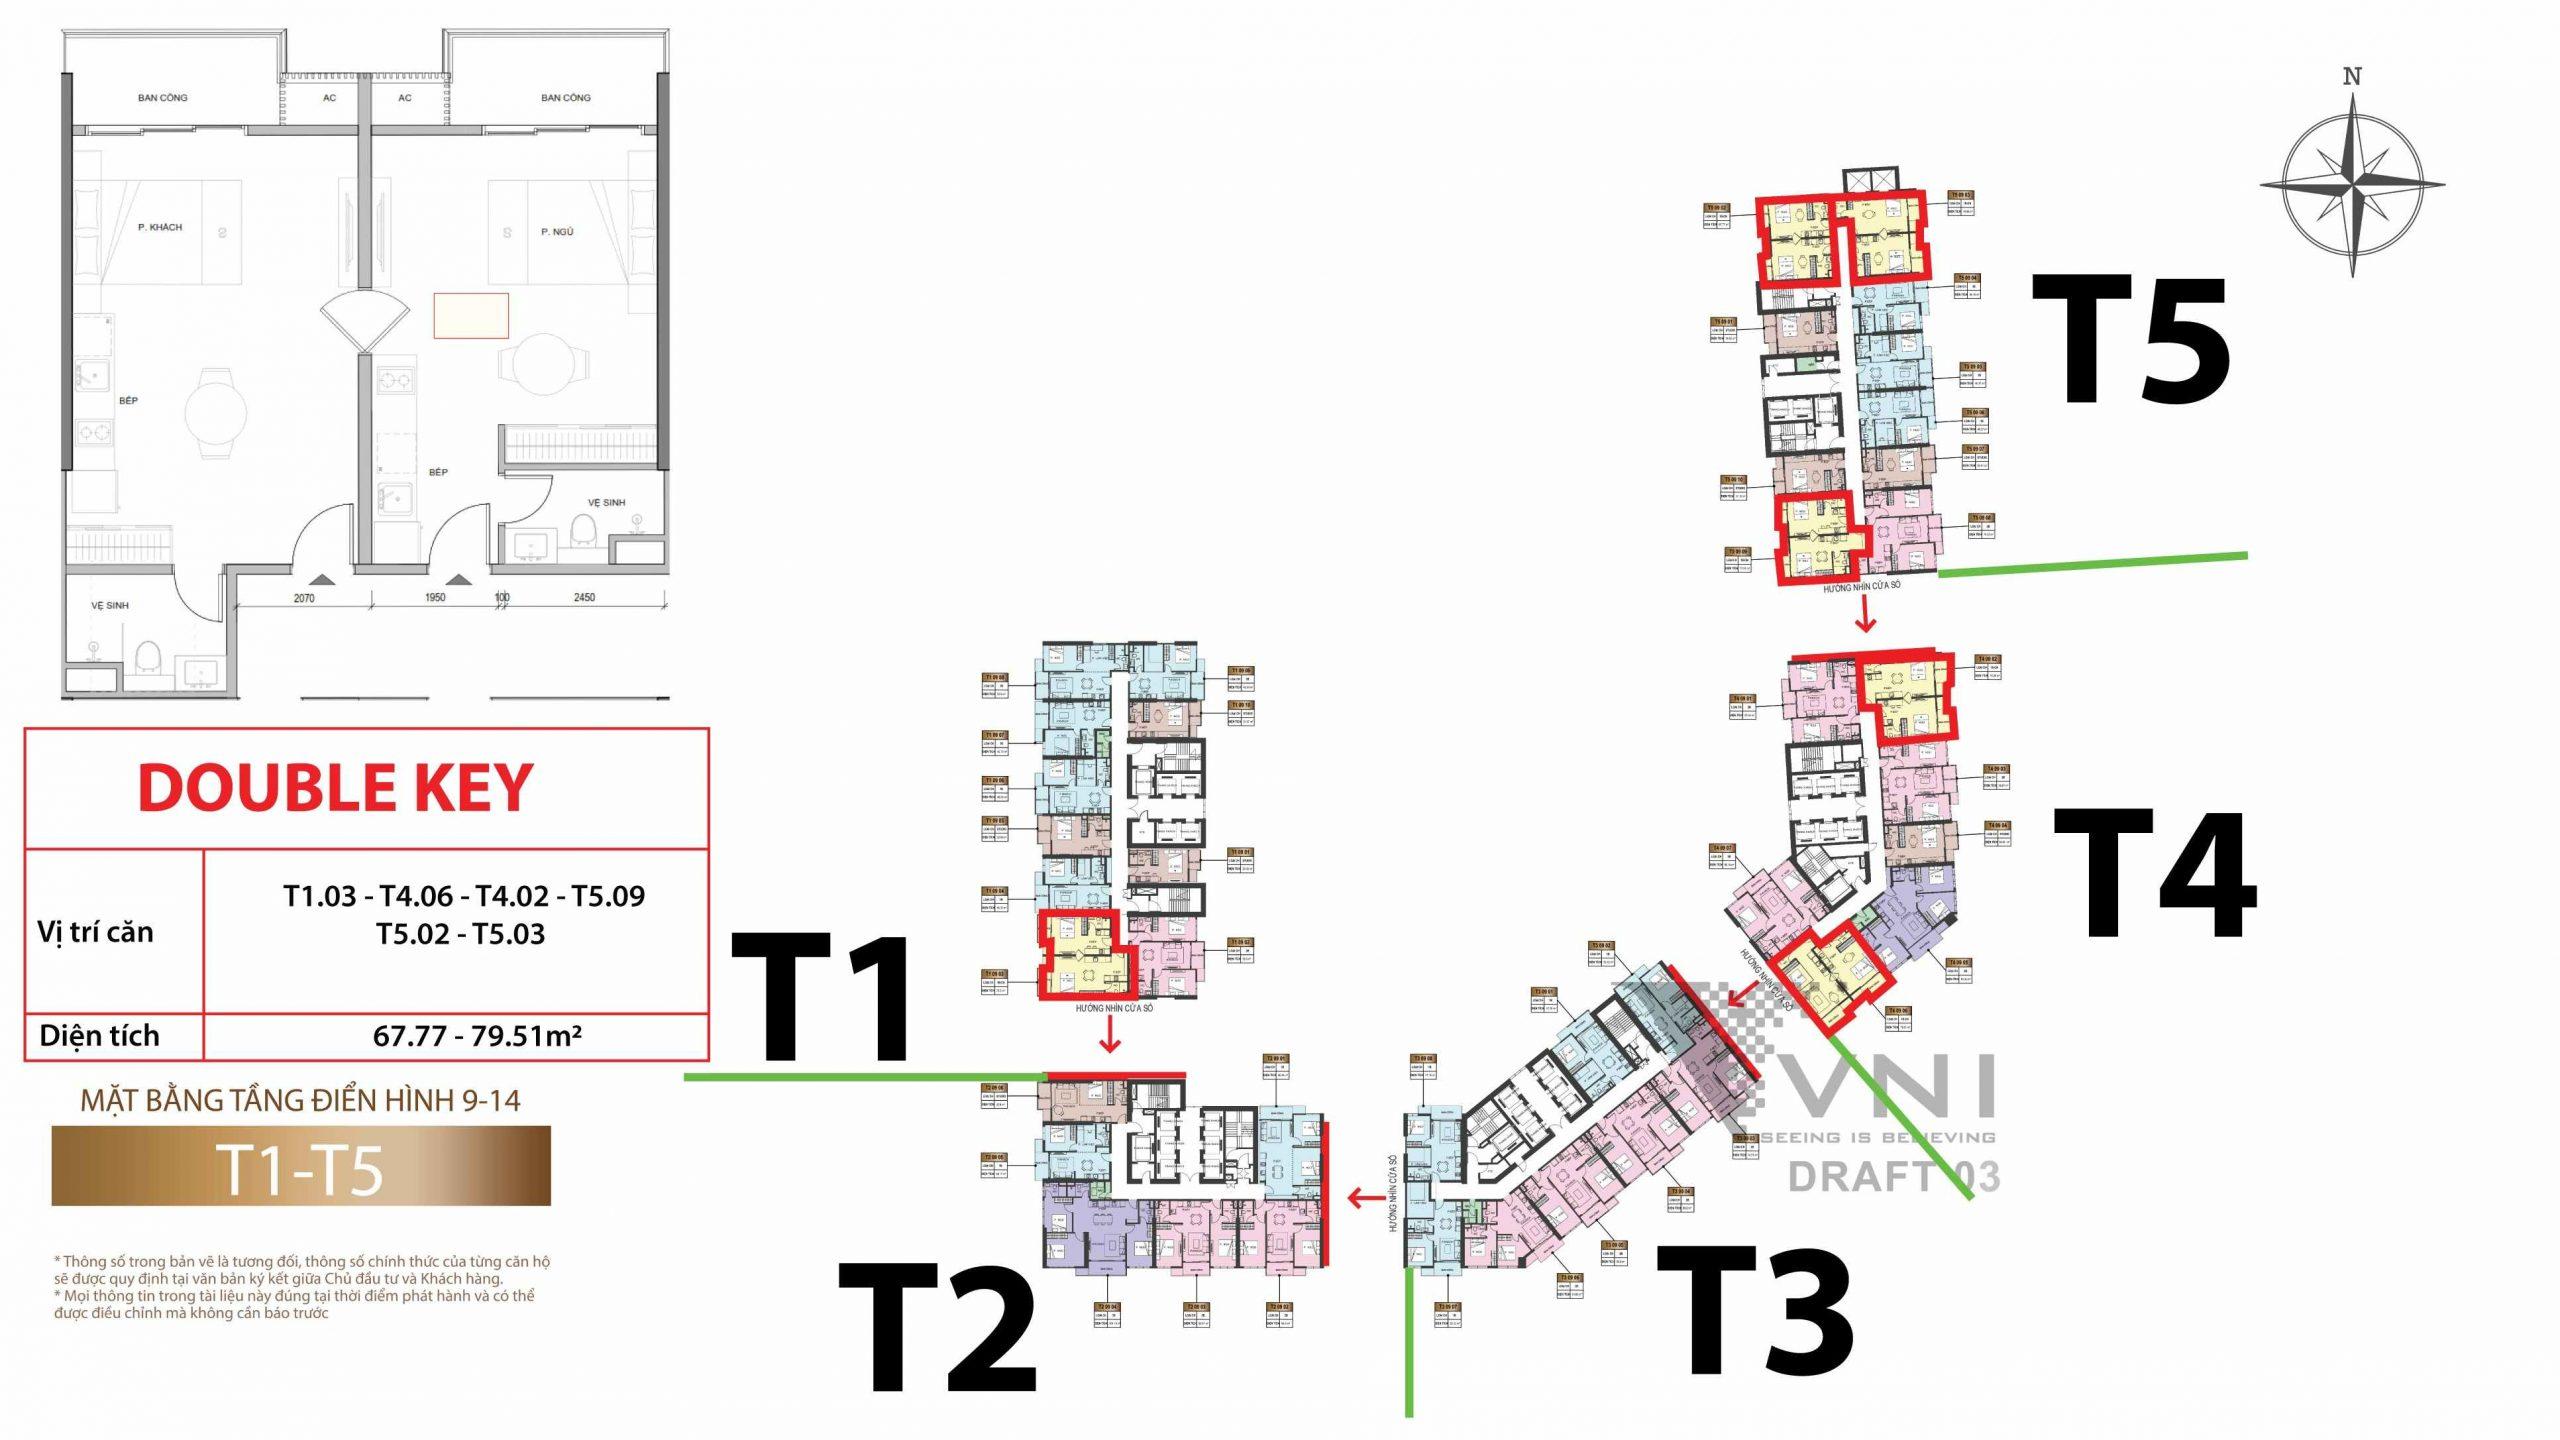 Mặt bằng và vị trí các căn hộ studio tầng 9-14